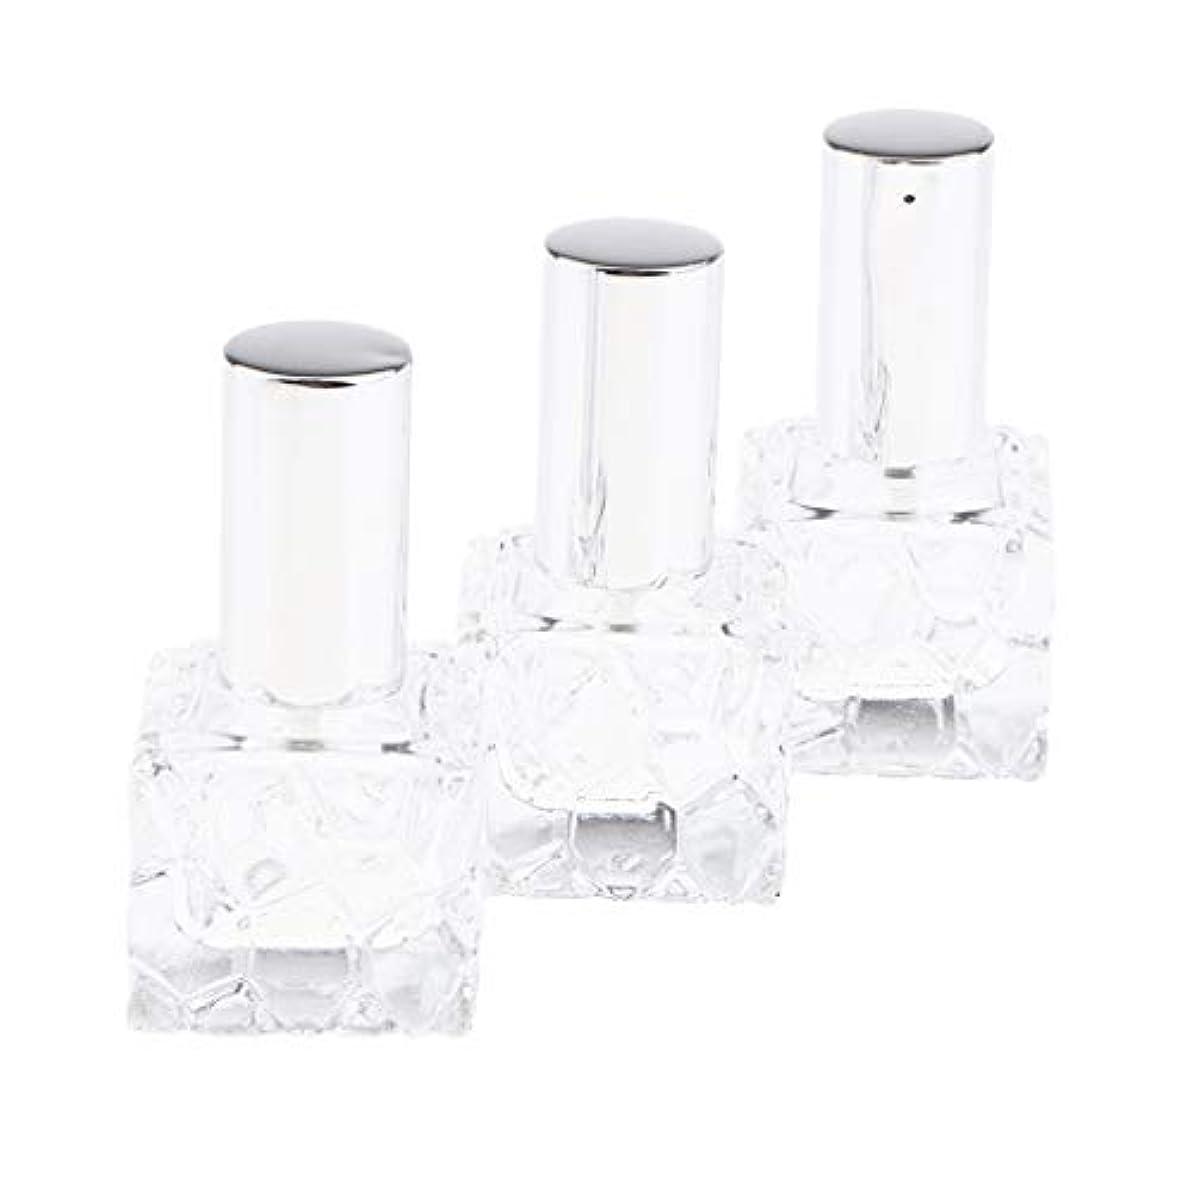 故国終わった百年CUTICATE 香水瓶 スプレー ガラス スプレー容器 スプレーボトル 香水小分け アロマ保存容器 2種選択でき - 10ml 3個